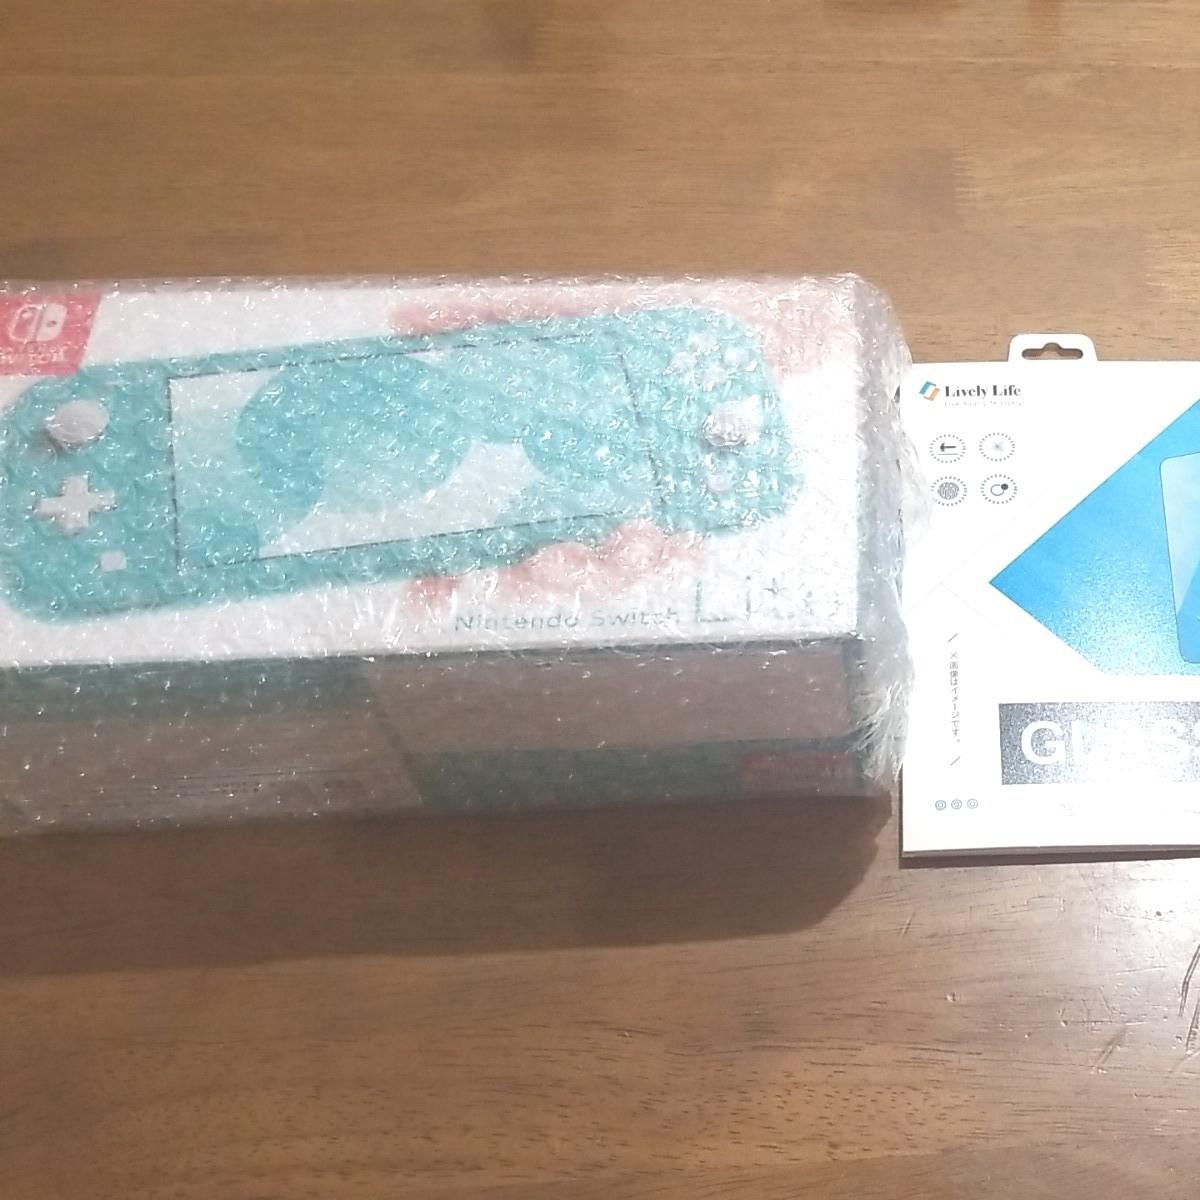 Nintendo Switch Lite ニンテンドー スイッチ ライト 本体 新品未開封 ターコイズ 液晶ガラスフィルム付き